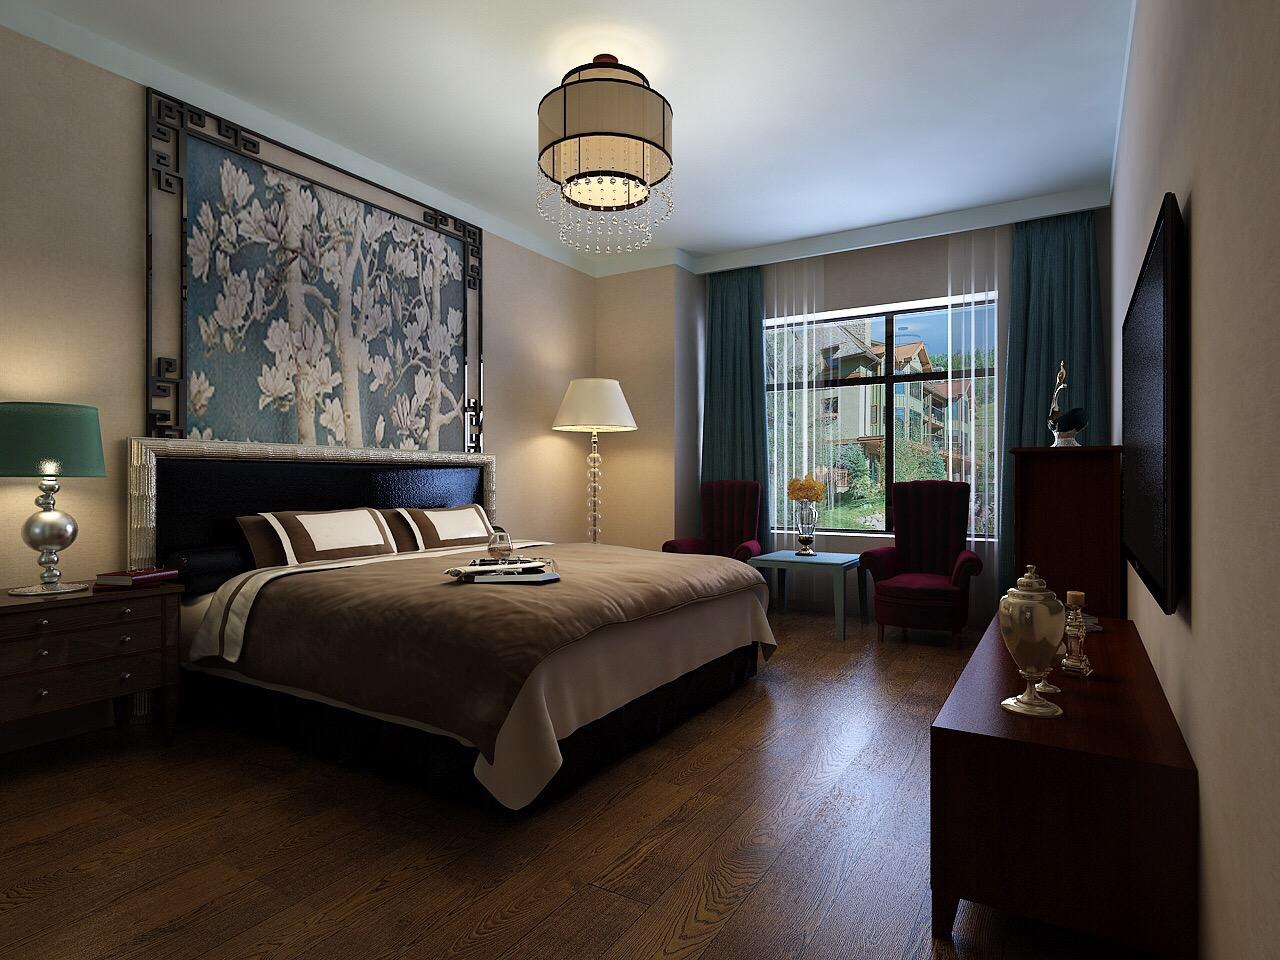 卧室有个大窗台,空间看着很大